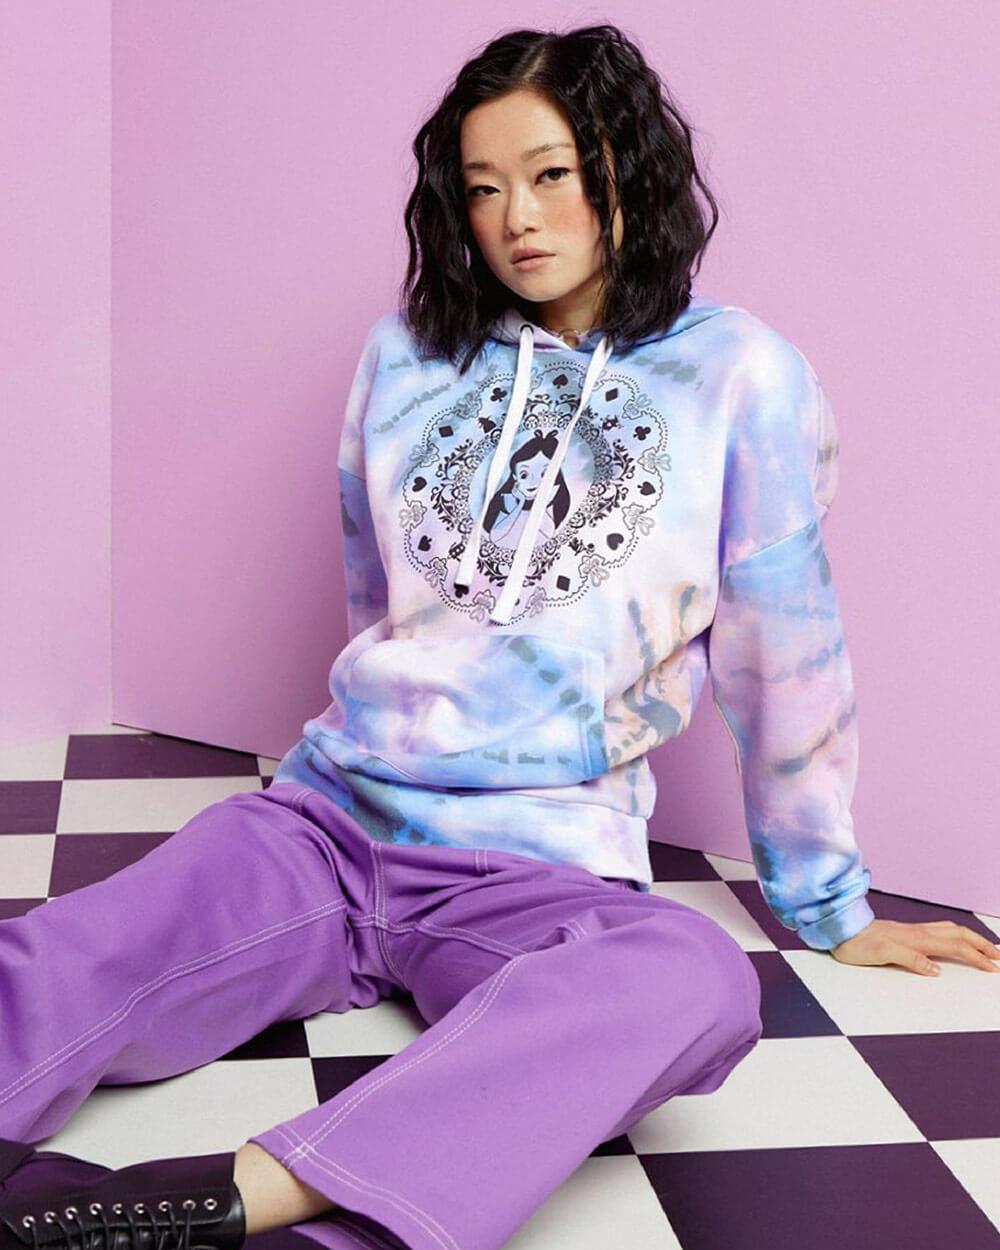 Hot Topic egirl clothing